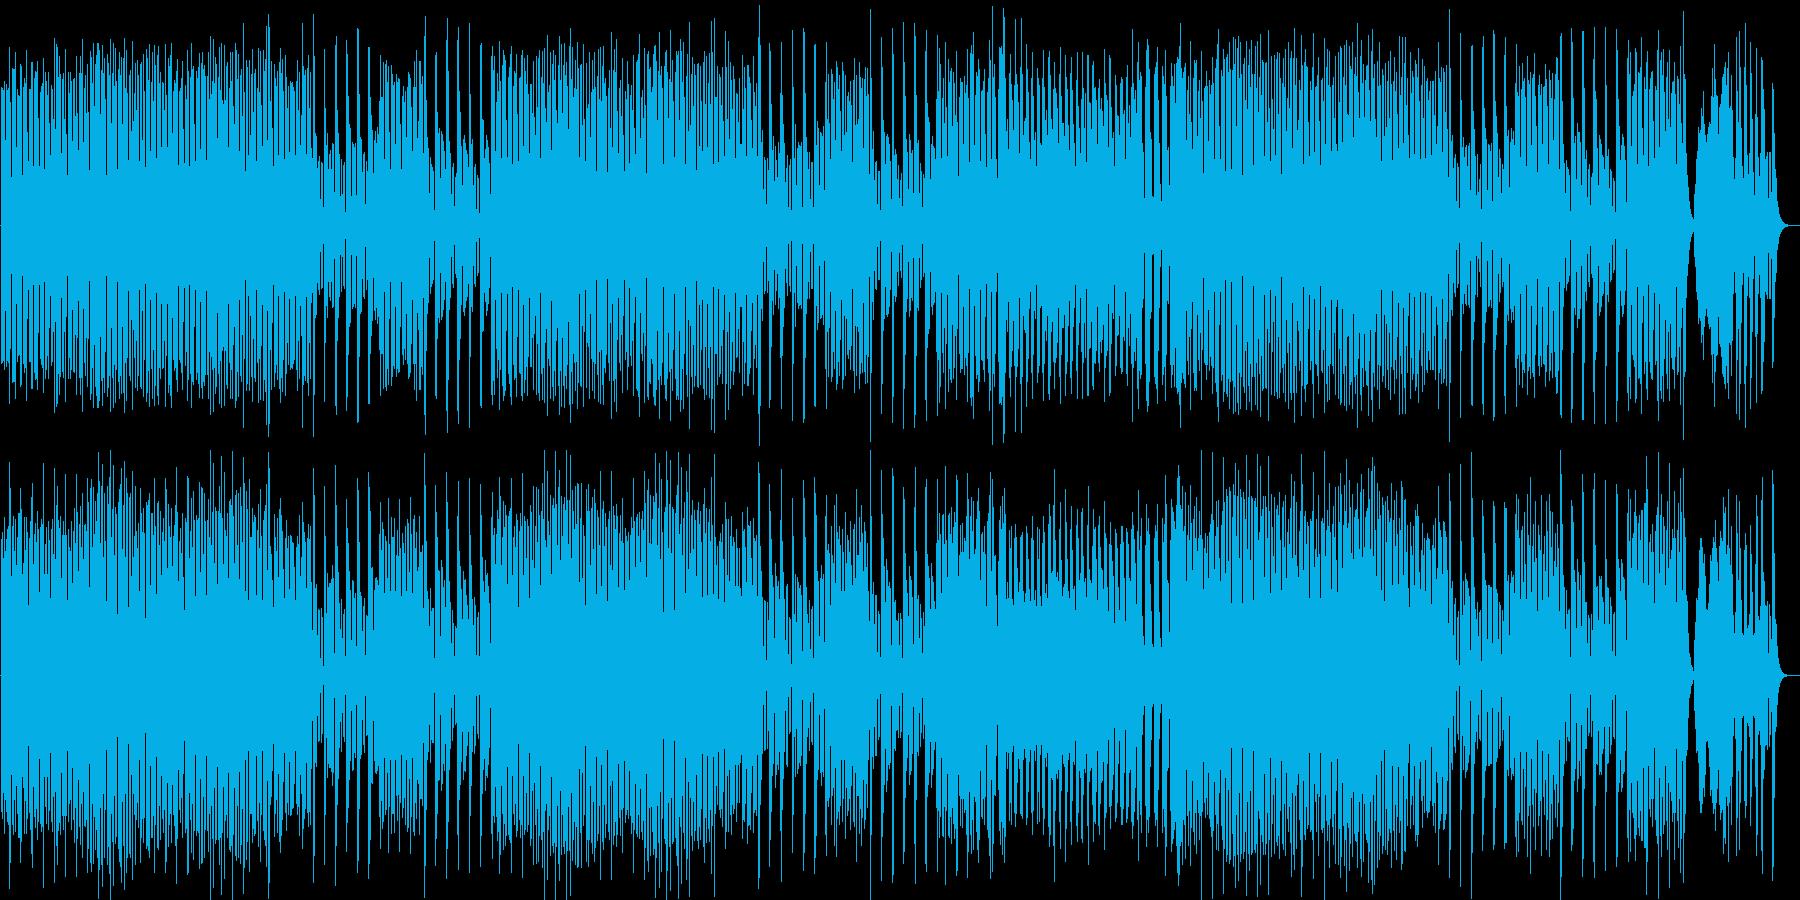 不思議な世界のファンタジーポップの再生済みの波形